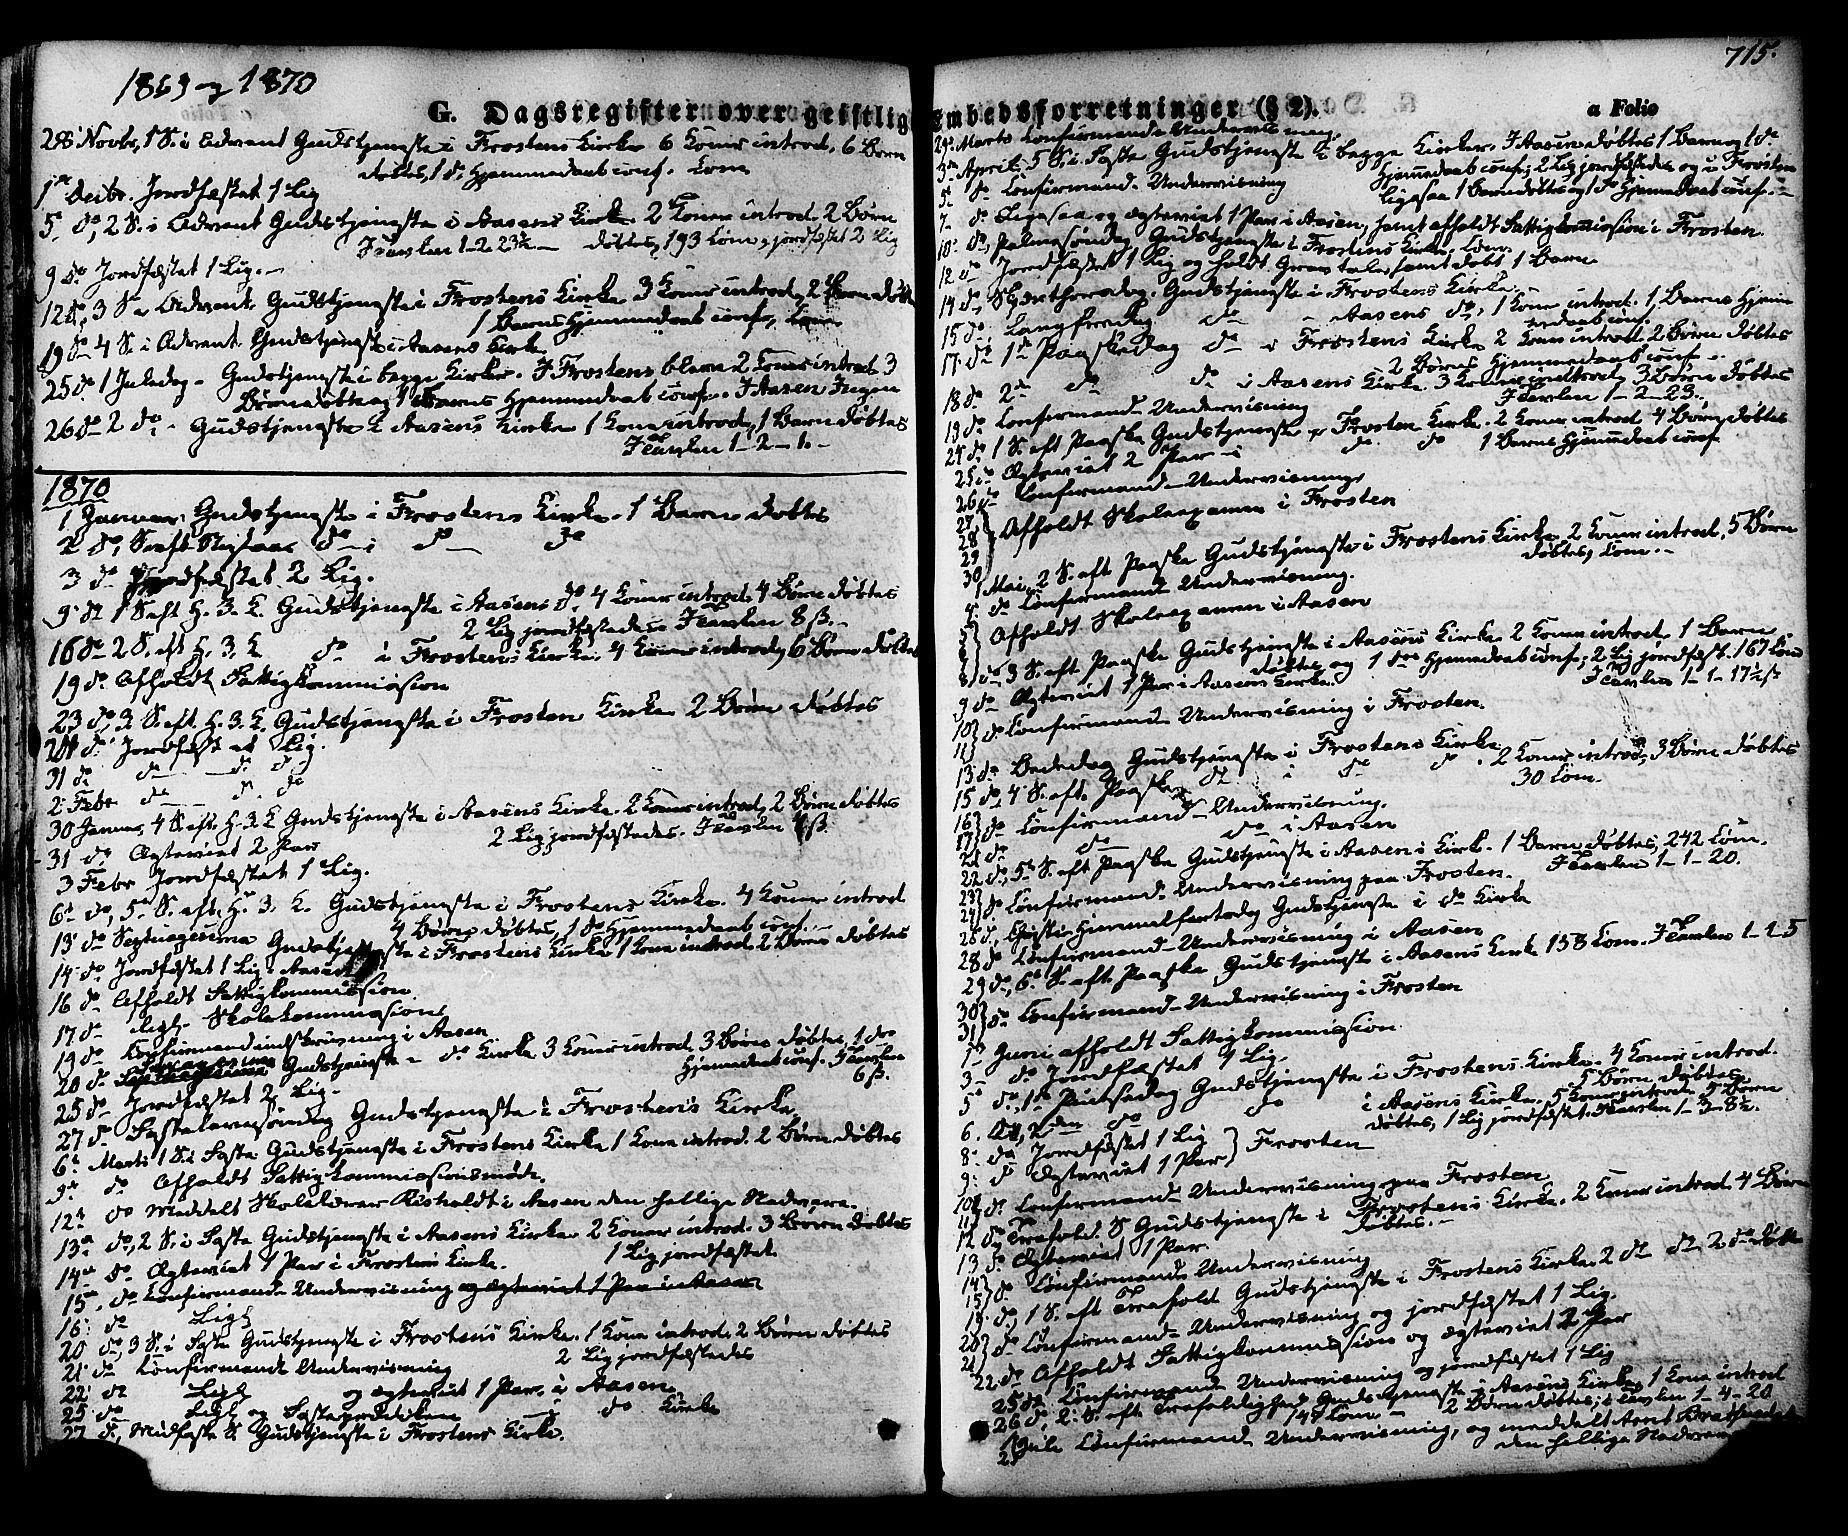 SAT, Ministerialprotokoller, klokkerbøker og fødselsregistre - Nord-Trøndelag, 713/L0116: Ministerialbok nr. 713A07 /1, 1850-1877, s. 715